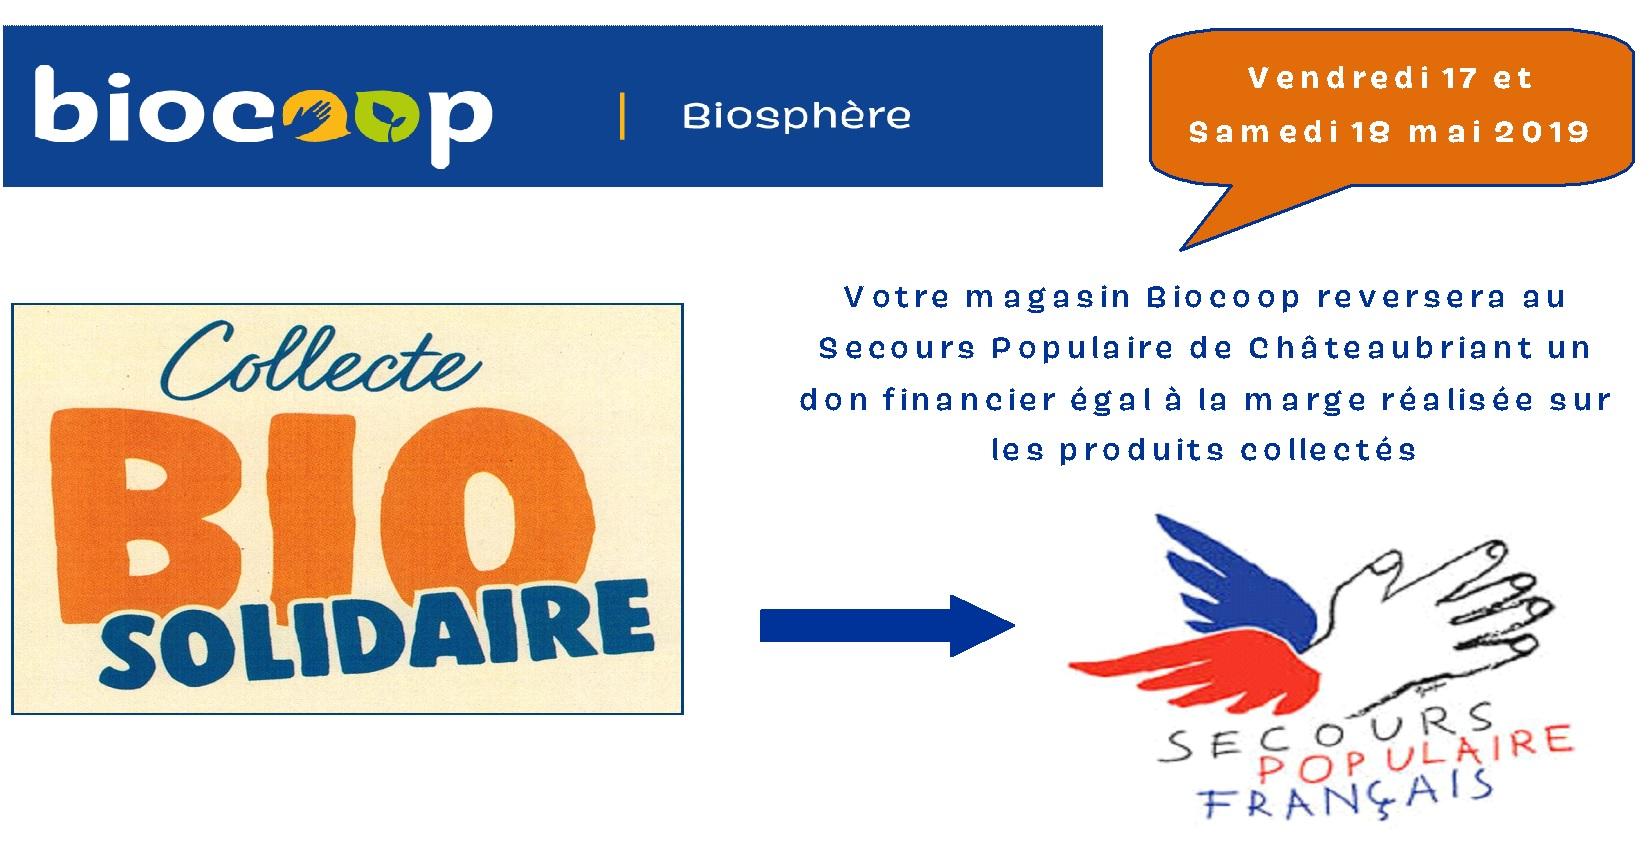 ab6a2aa1025 Biocoop Biosphère - Magasin bio à Châteaubriant.